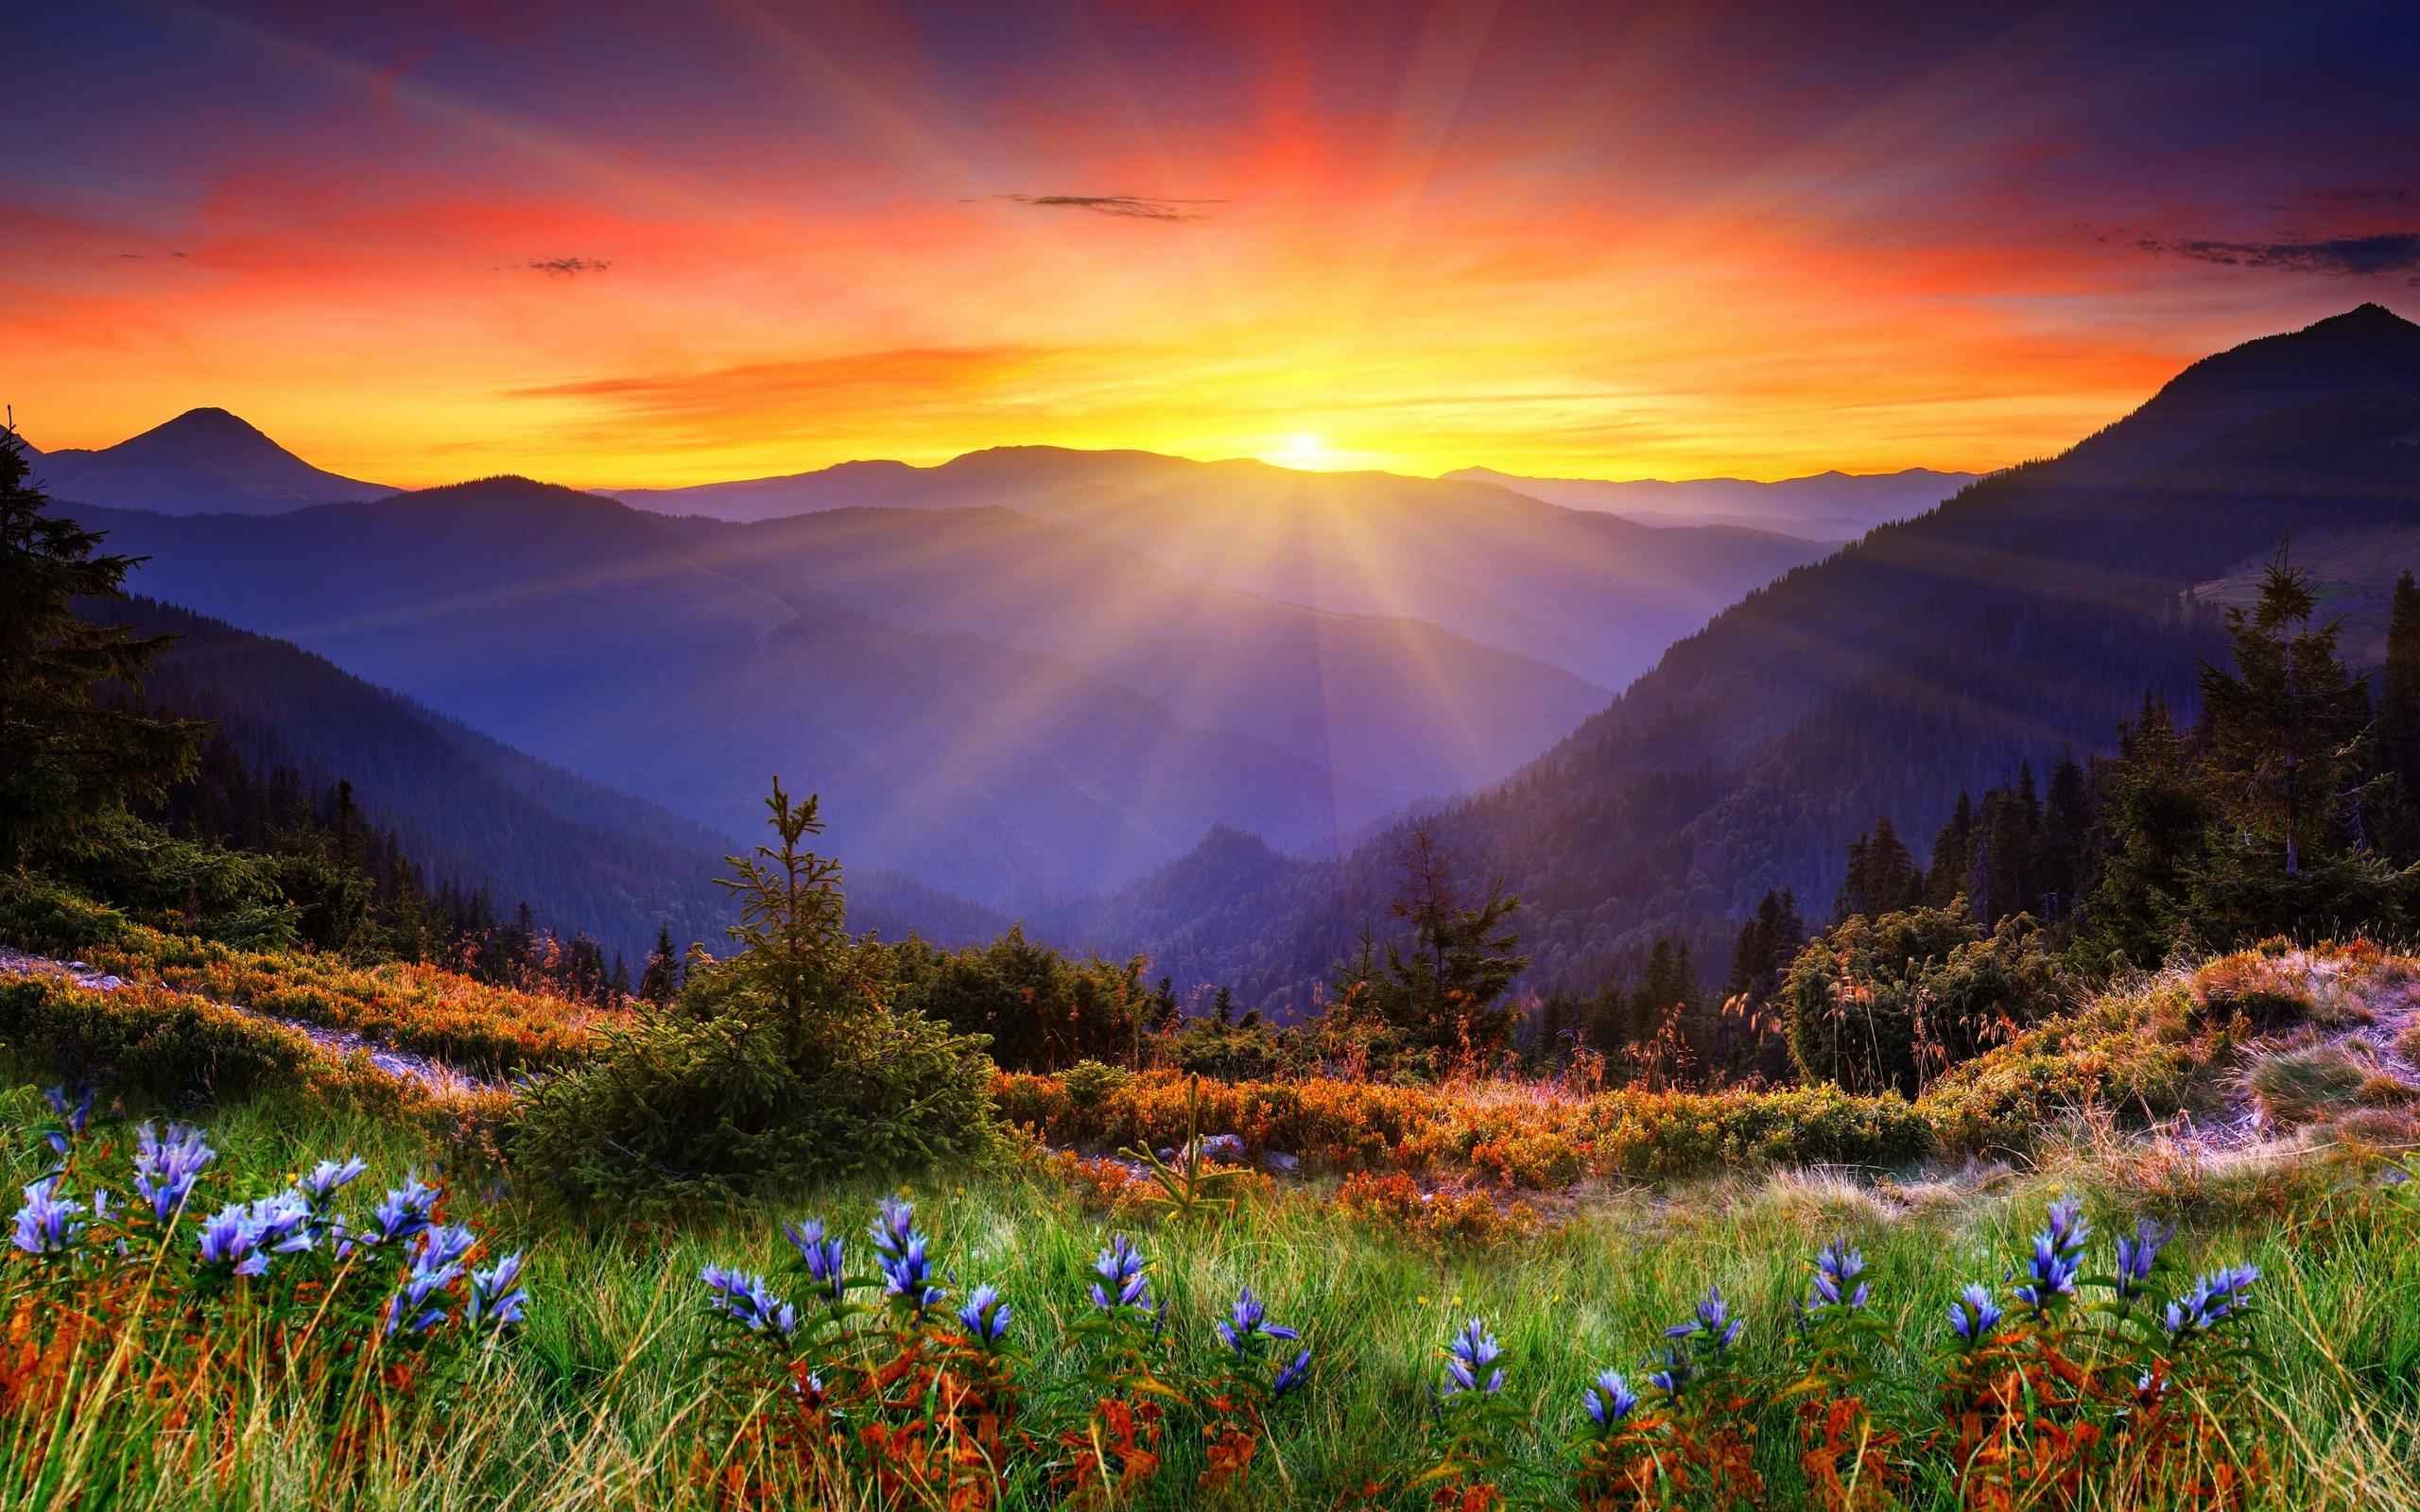 красочный город в горах  № 2347233 бесплатно